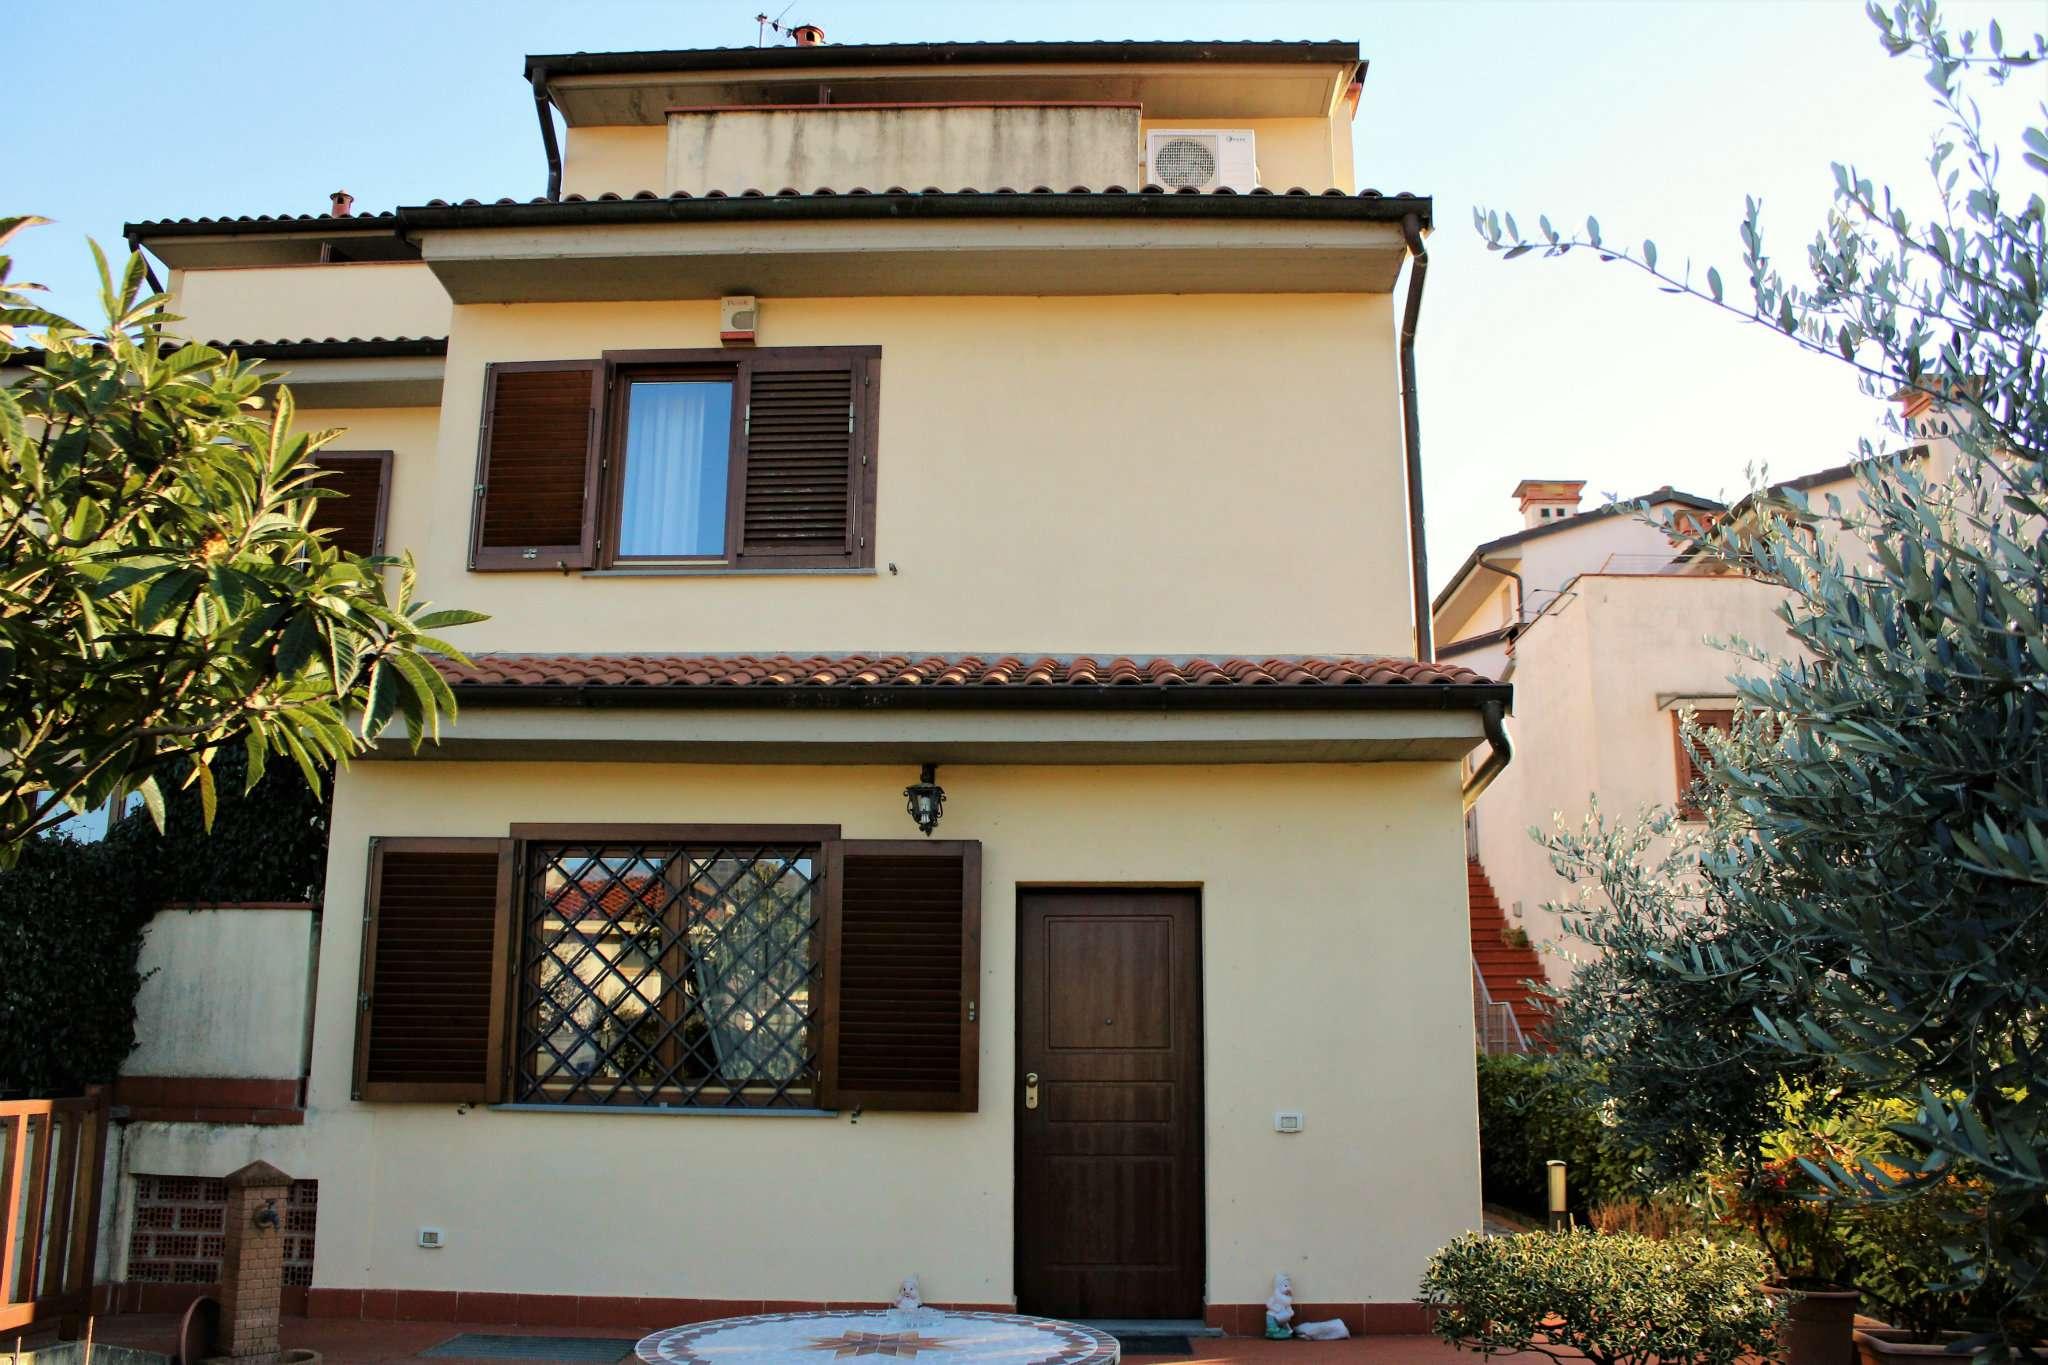 Palazzo / Stabile in vendita a Rufina, 9 locali, prezzo € 329.000 | Cambio Casa.it